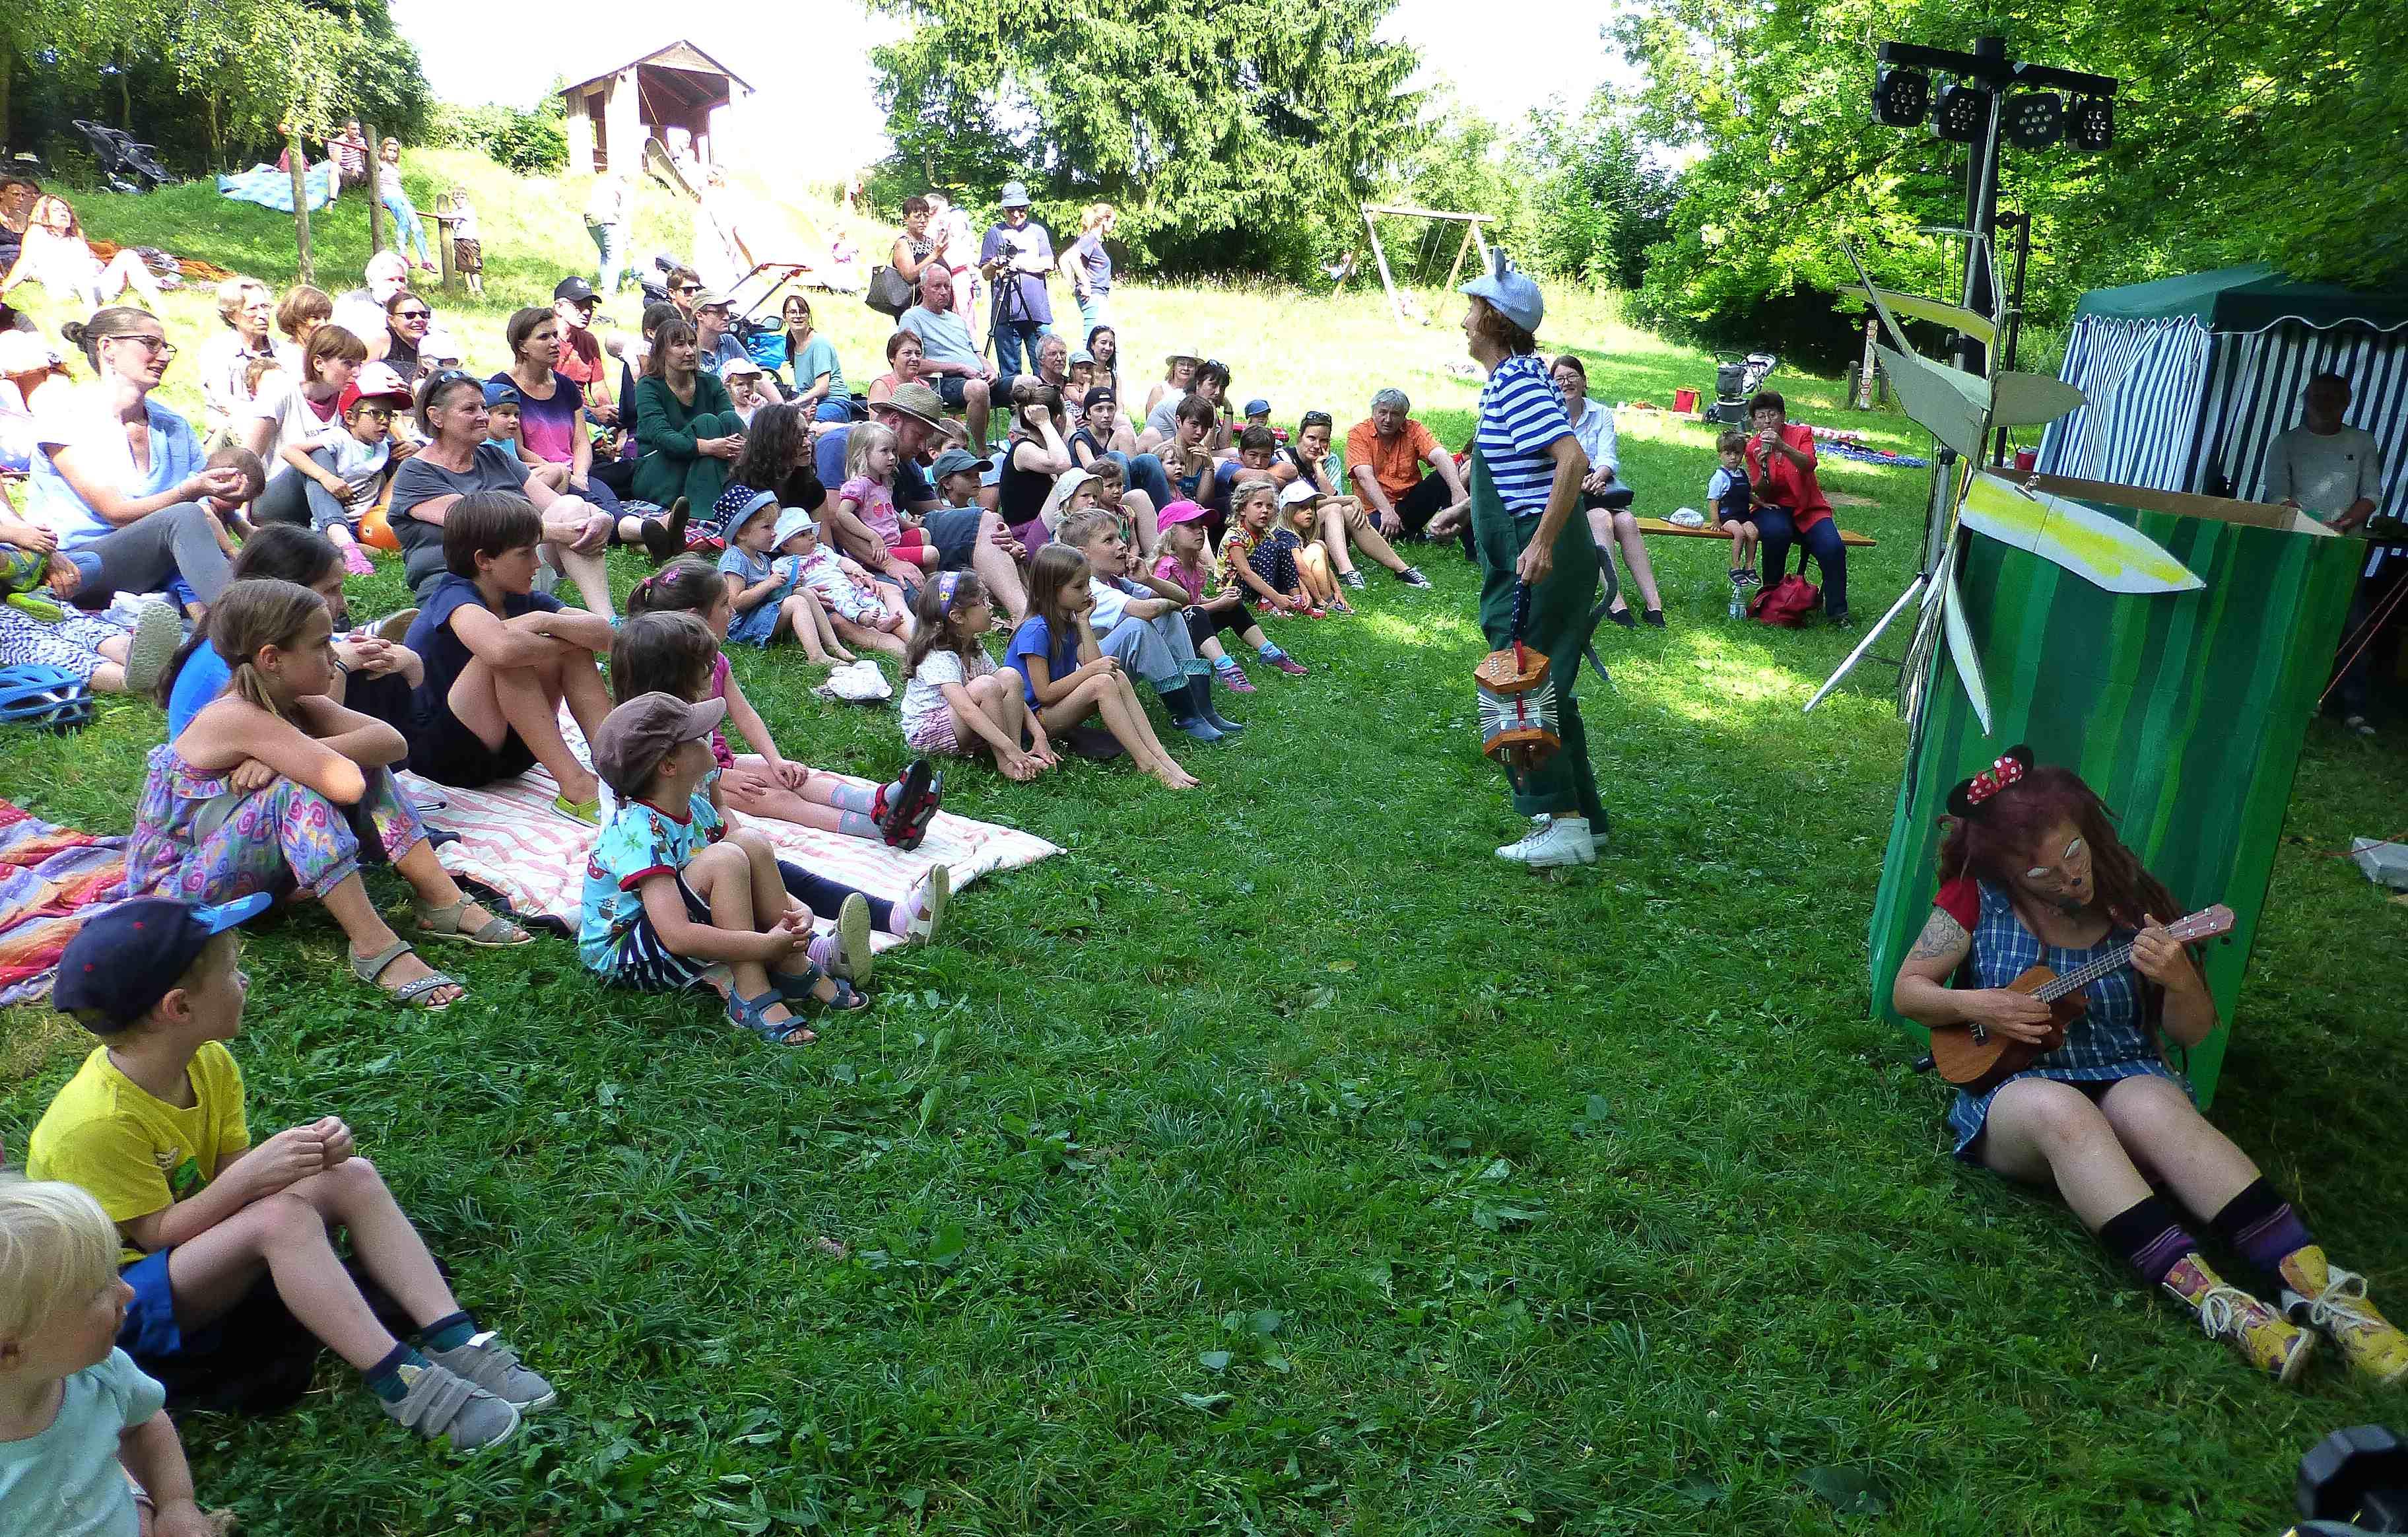 7 2017_07_29 Kleines Liederfest.jpg